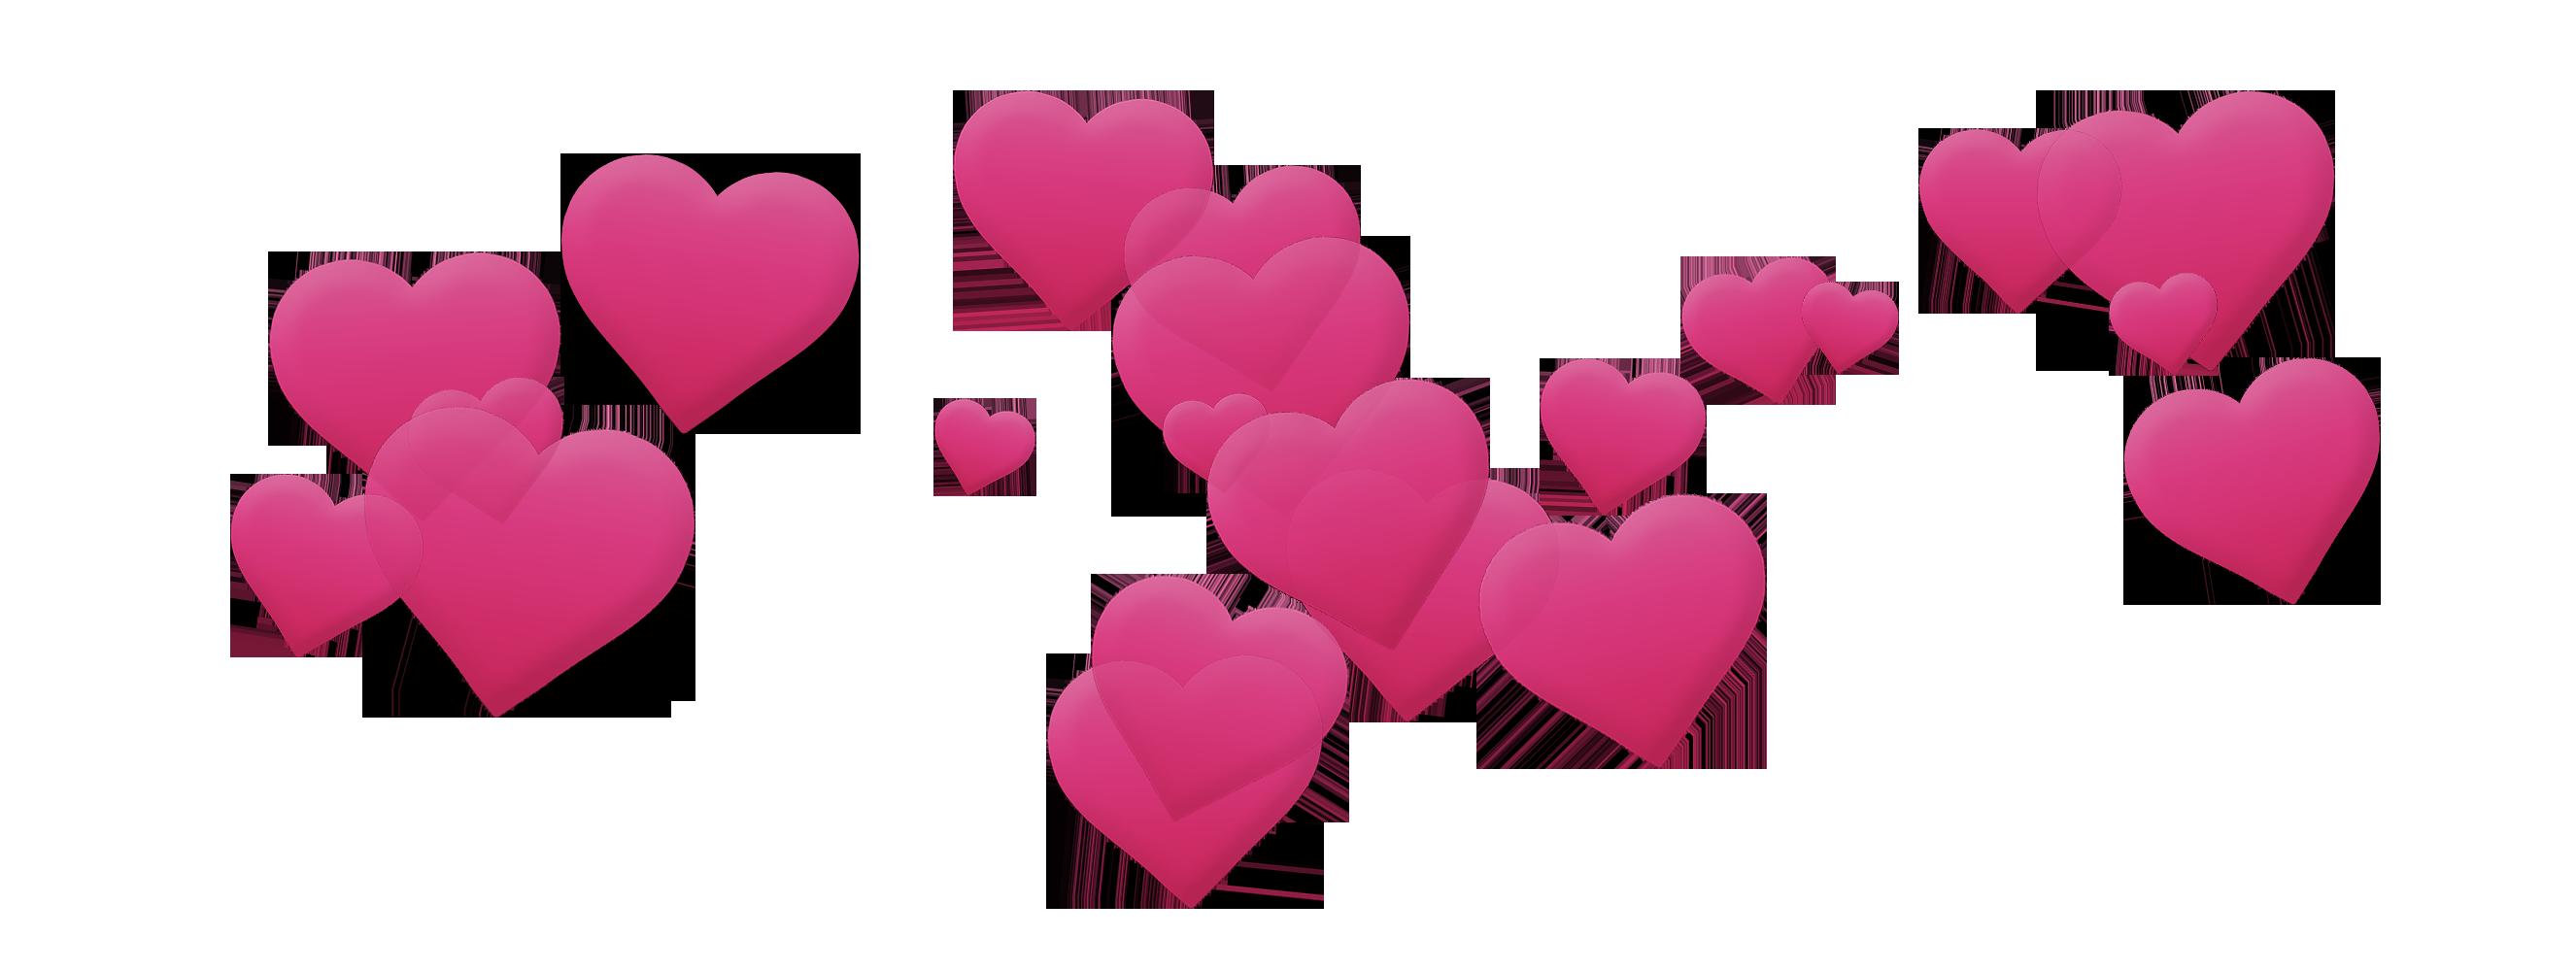 Macbook hearts png. Mac iphone x pro